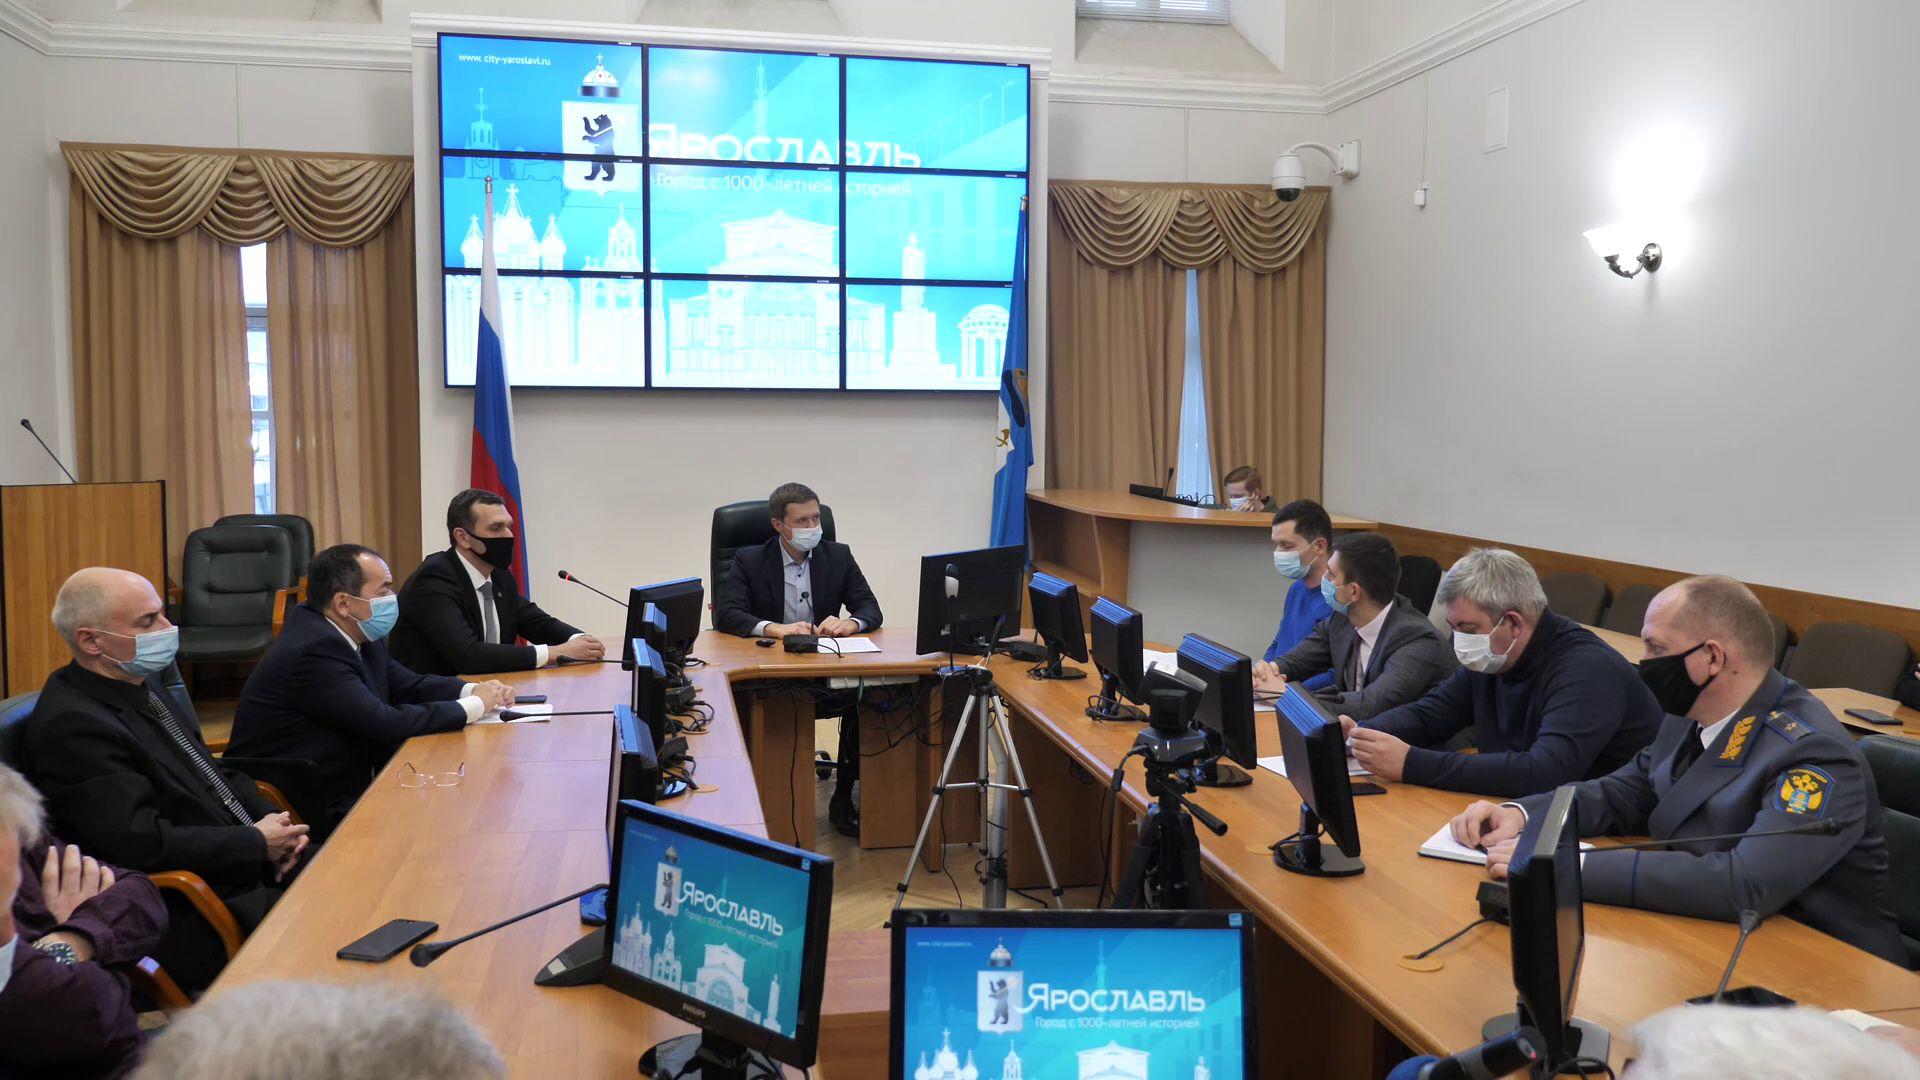 Сергей Волканевский: пересадочности никто не должен бояться